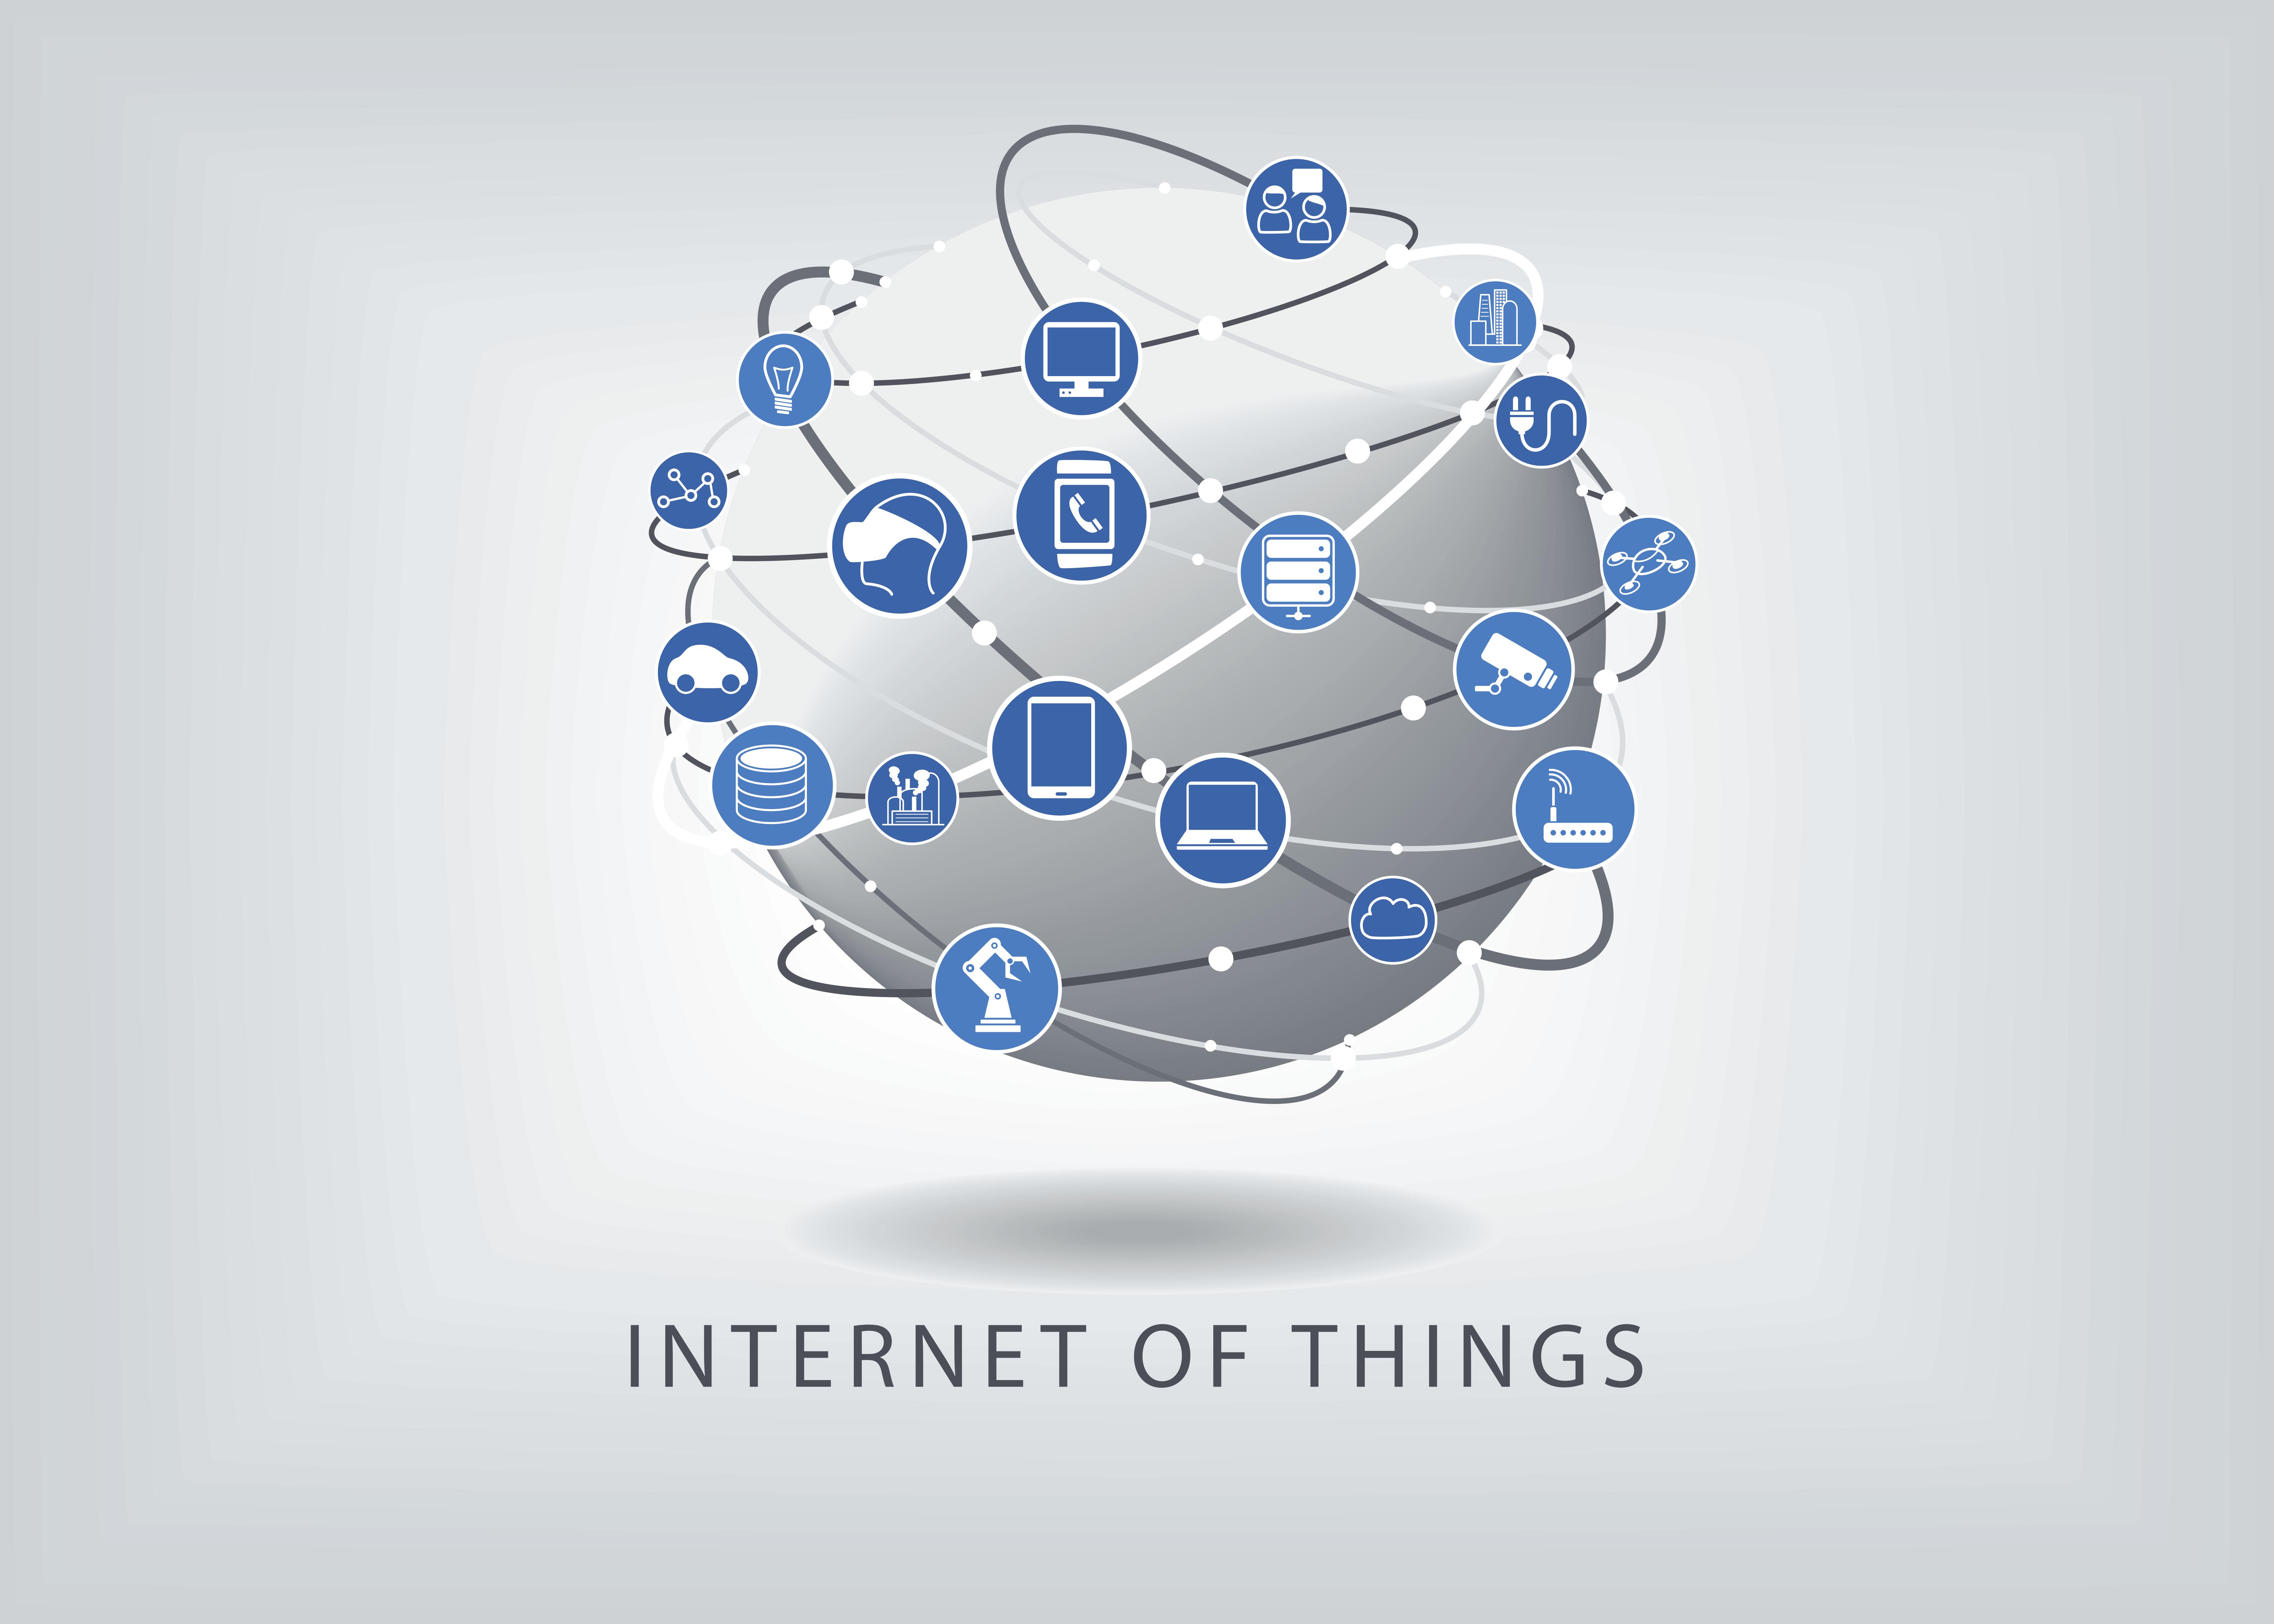 Tingenes Internett, eller Internet of Things (IoT) på engelsk.